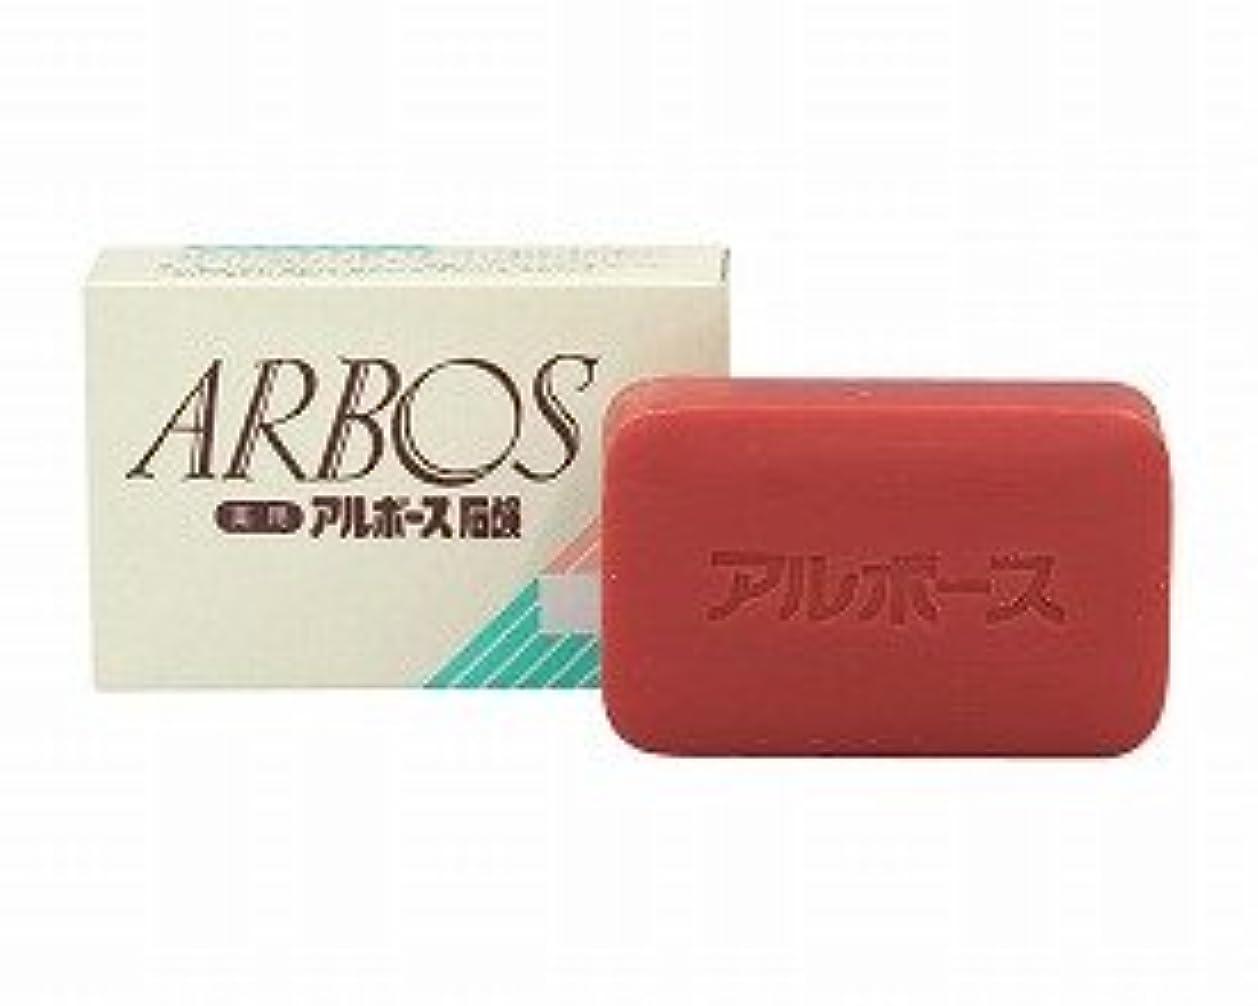 裁定過度に影響する薬用アルボース石鹸 85g 1ケース(240個入) (アルボース) (清拭小物)